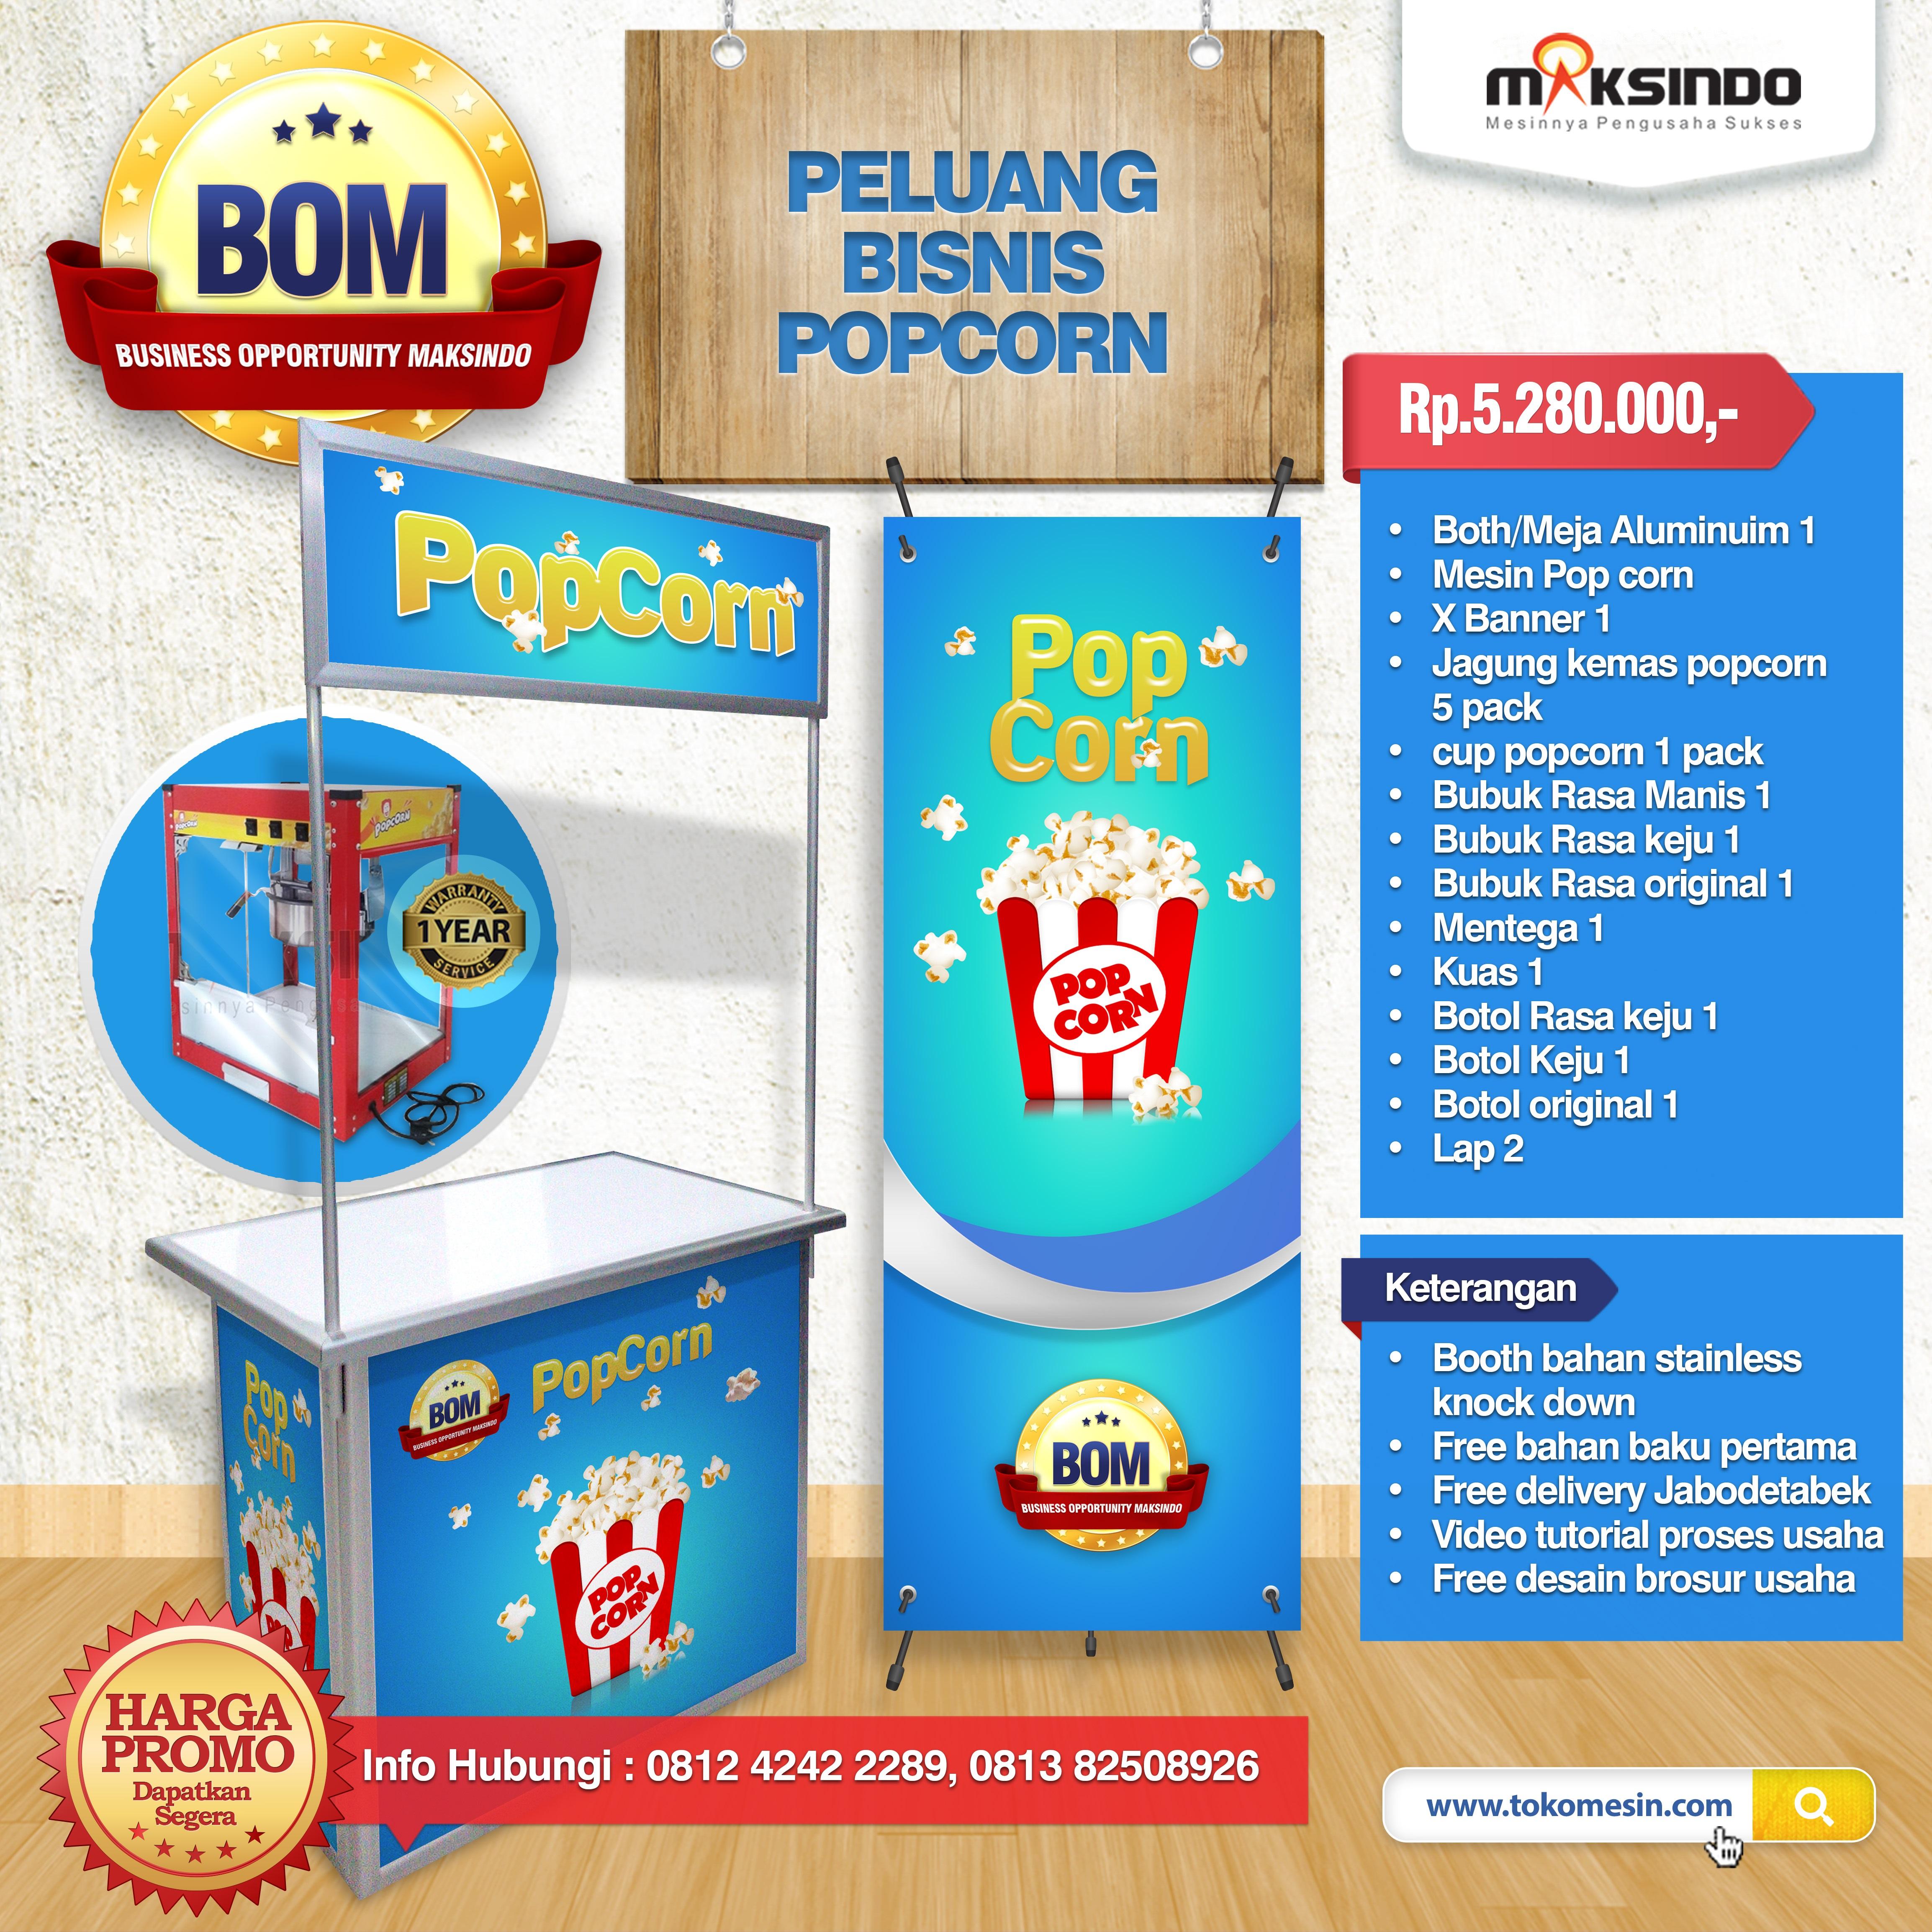 Paket Usaha Popcorn Progam BOM